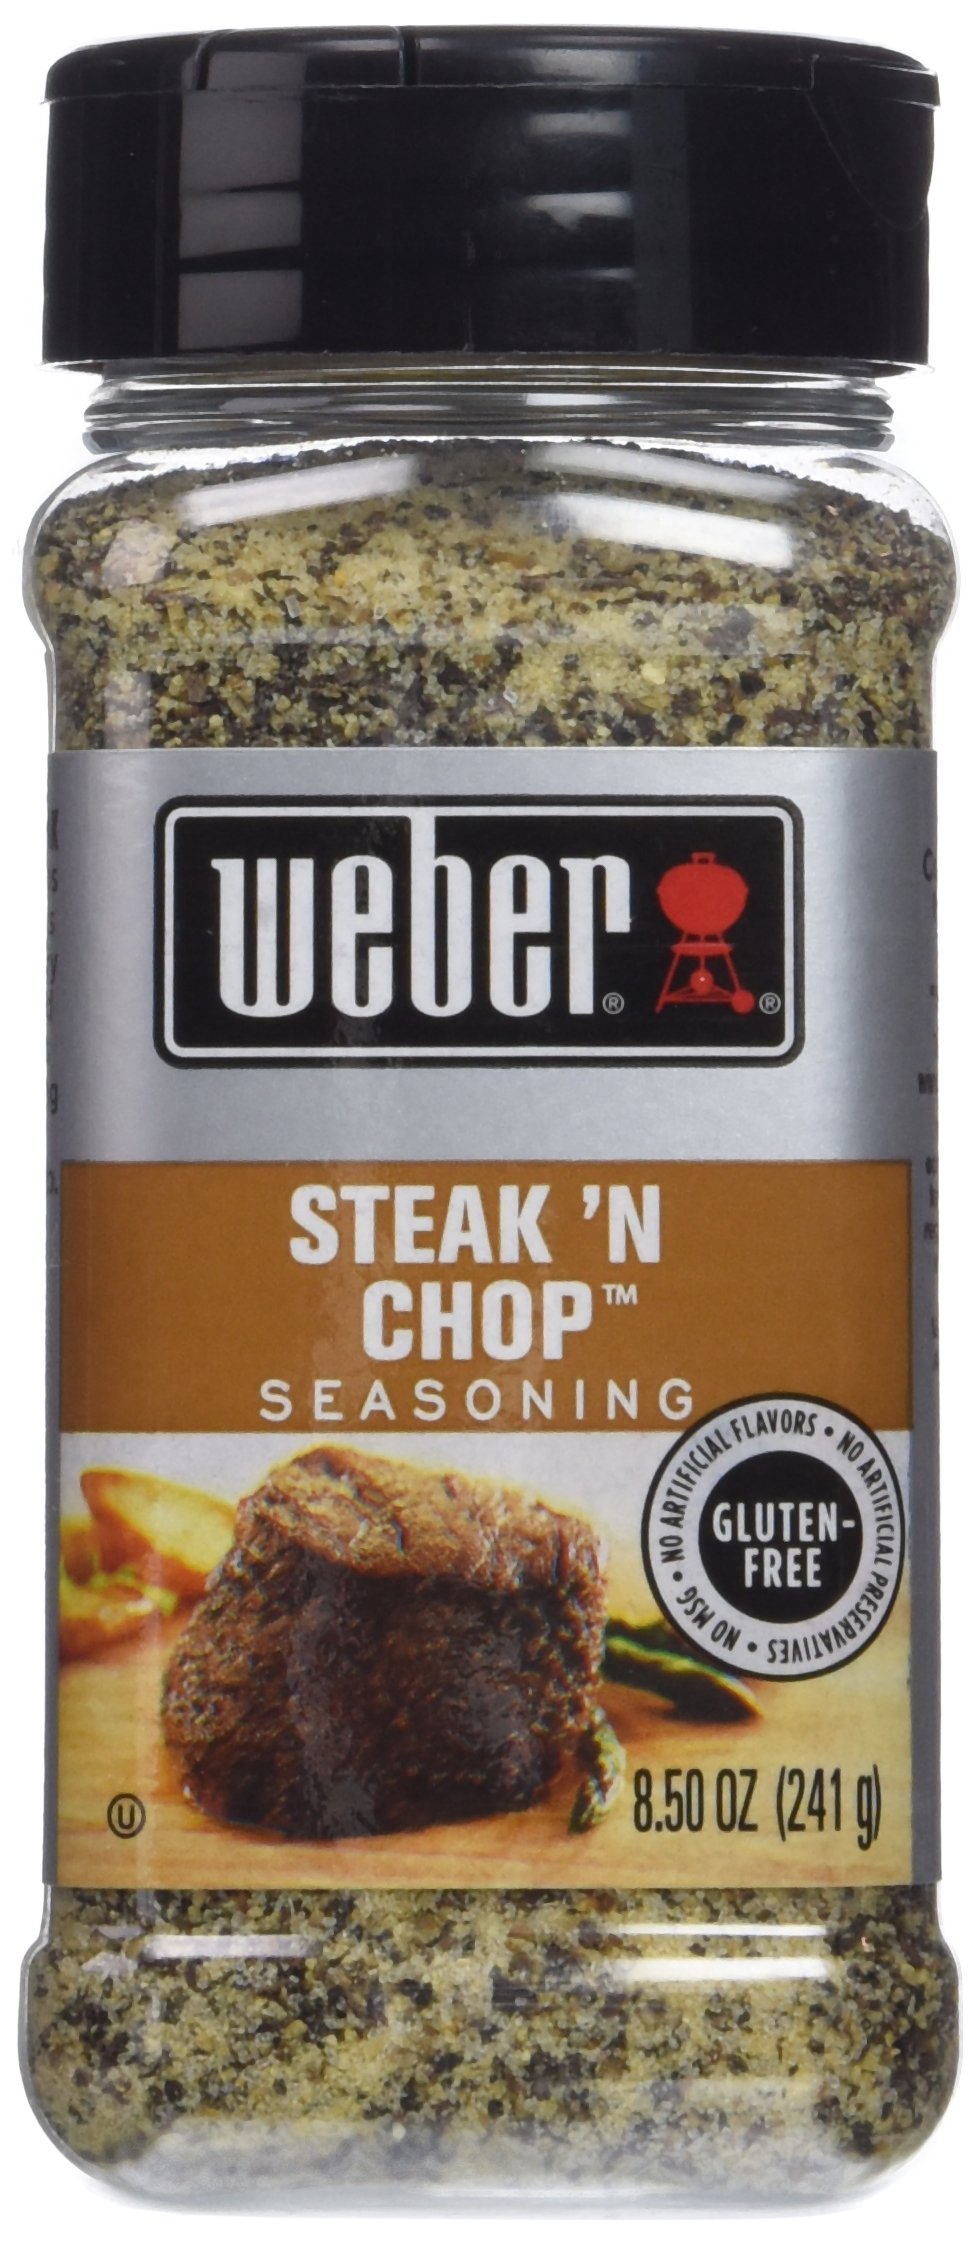 Weber Steak N' Chop Seasoning 8.5 oz (Pack of 2)